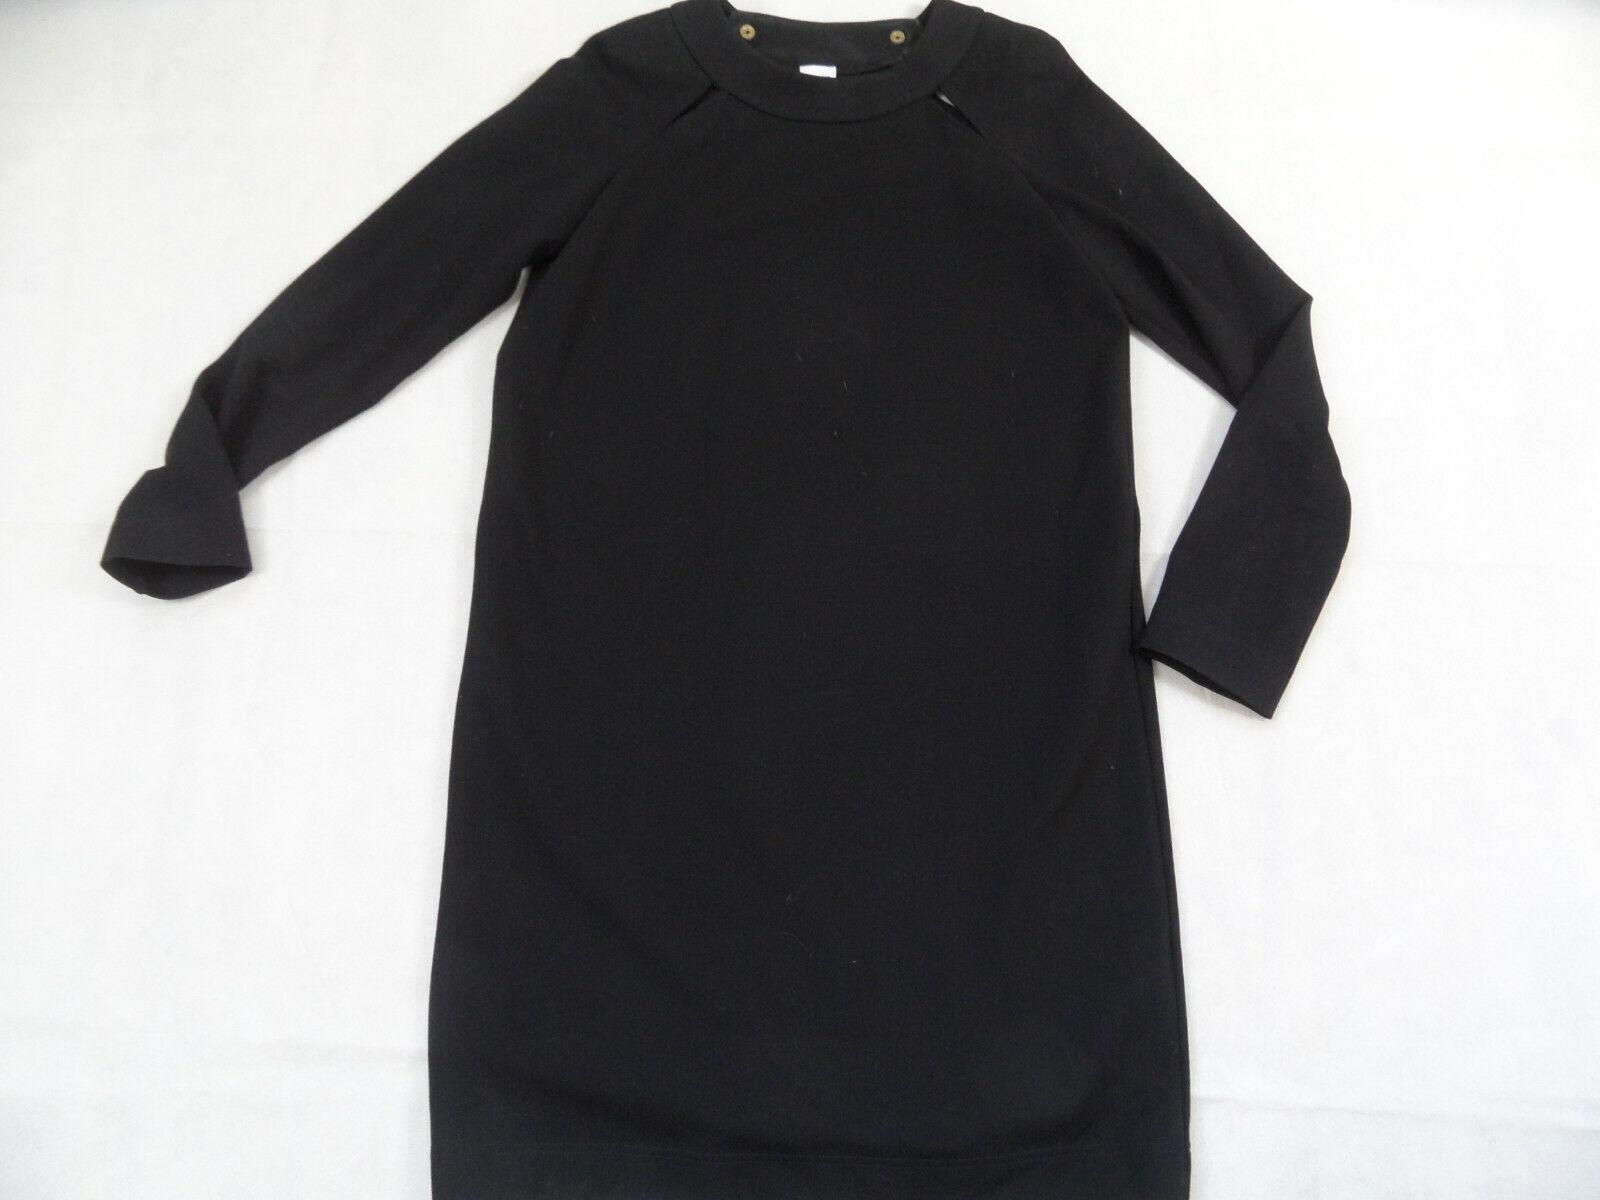 MISSONI schlichtes Jersey-Stretch-Kleid bequemer Schnitt schwarz Gr. 40  JE319   | Die Farbe ist sehr auffällig  | Hochwertige Materialien  | Günstige Bestellung  | Optimaler Preis